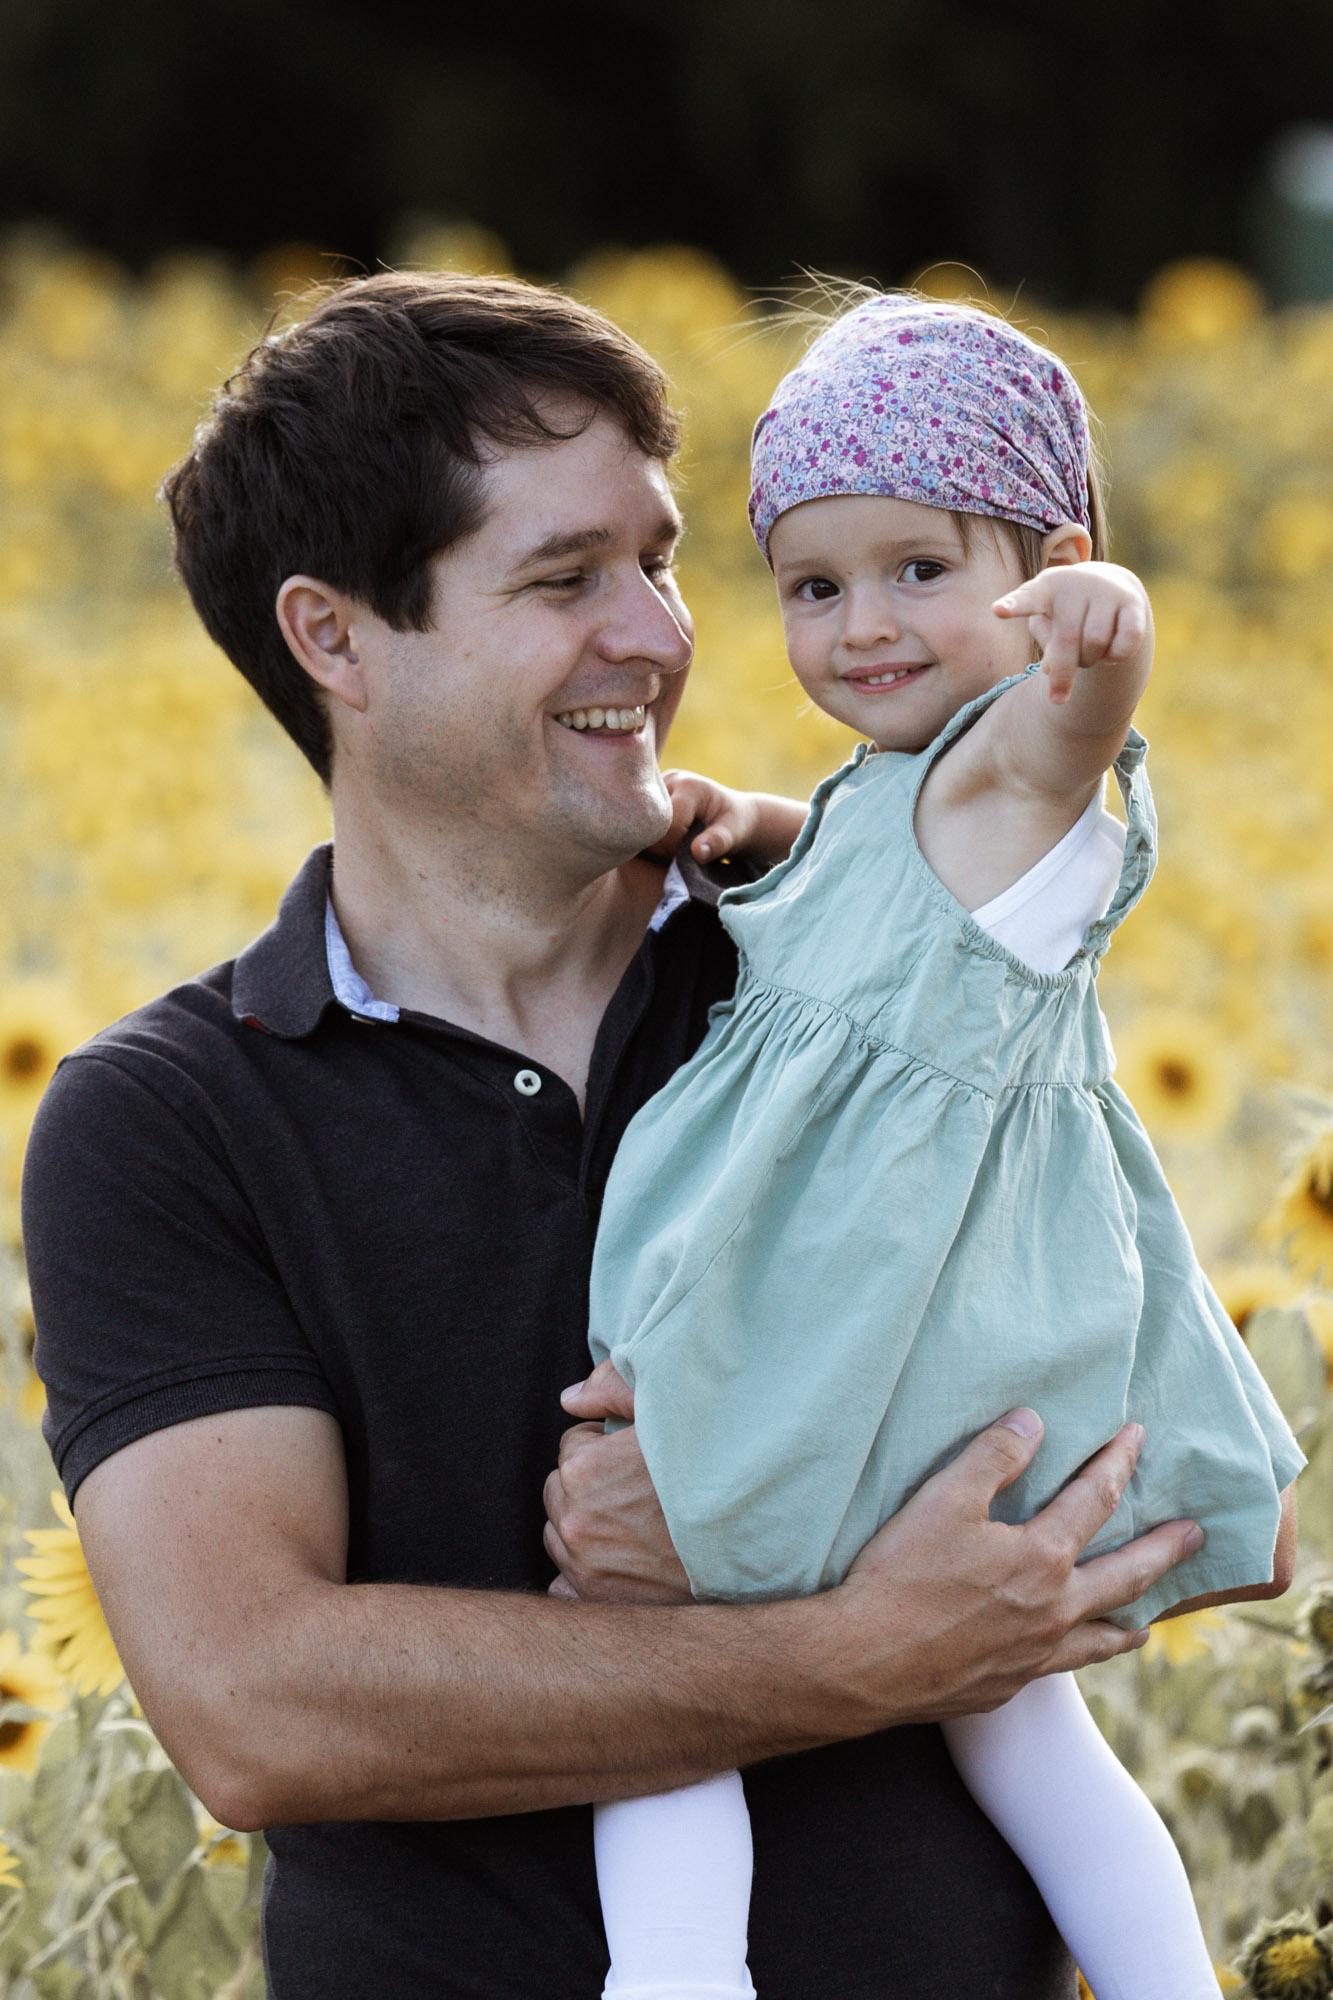 Babybauch und Familienfotoshooting in den Merian Gärten - Der Papa mit seiner süssen Tochter im Sonnenblumenfeld